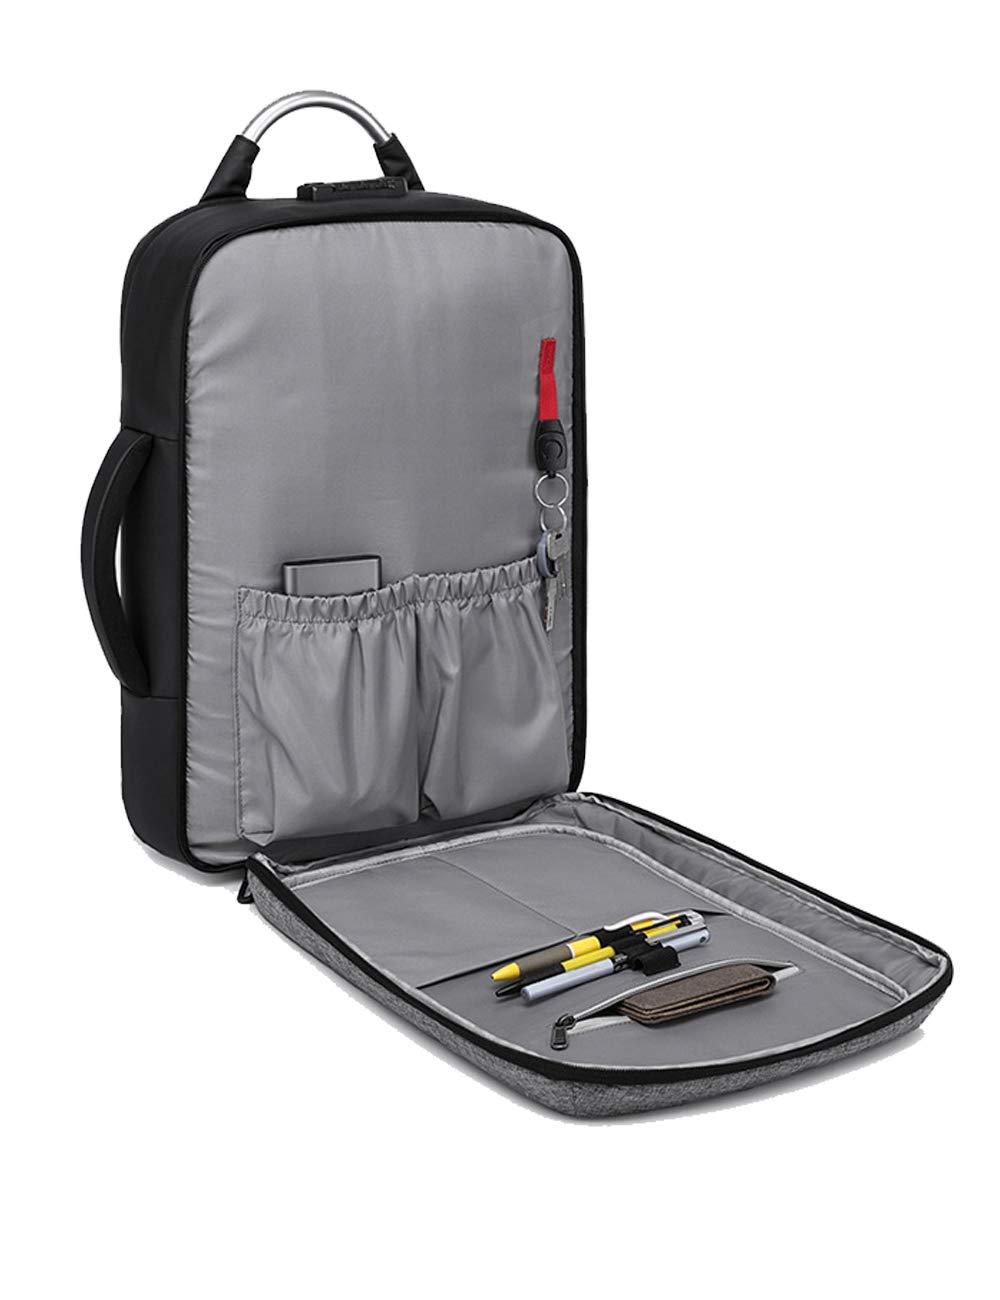 Unisex Oxford Impermeable Anti-Robo Mochila de Carga portátiles USB para 15.6'' portátiles Carga Negro-Gris 277599